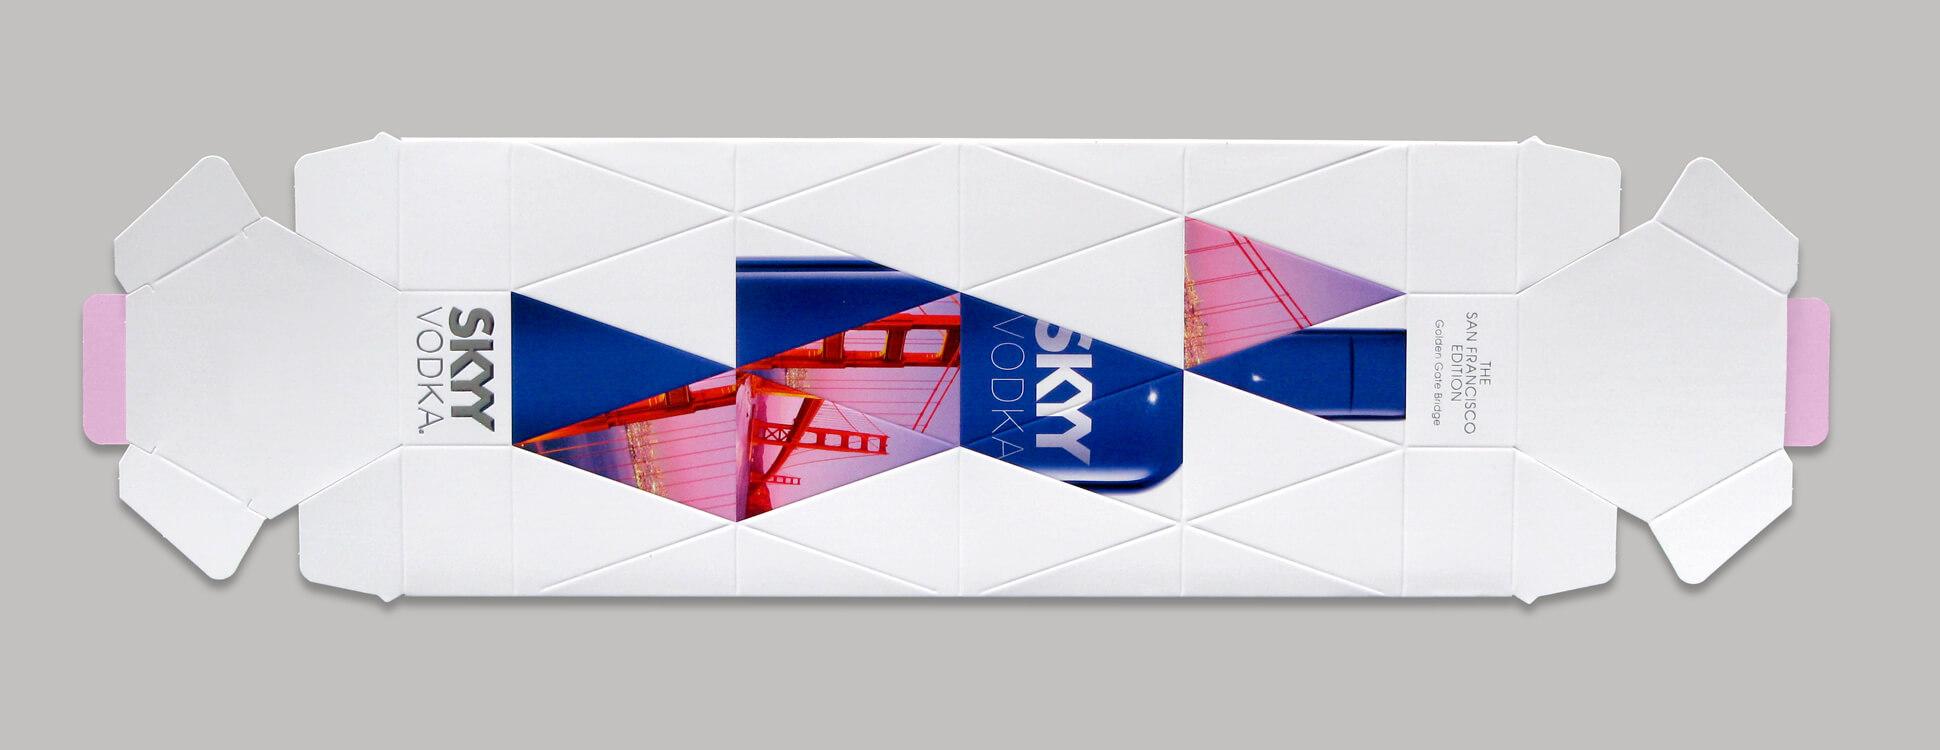 Skyy-Flatpack